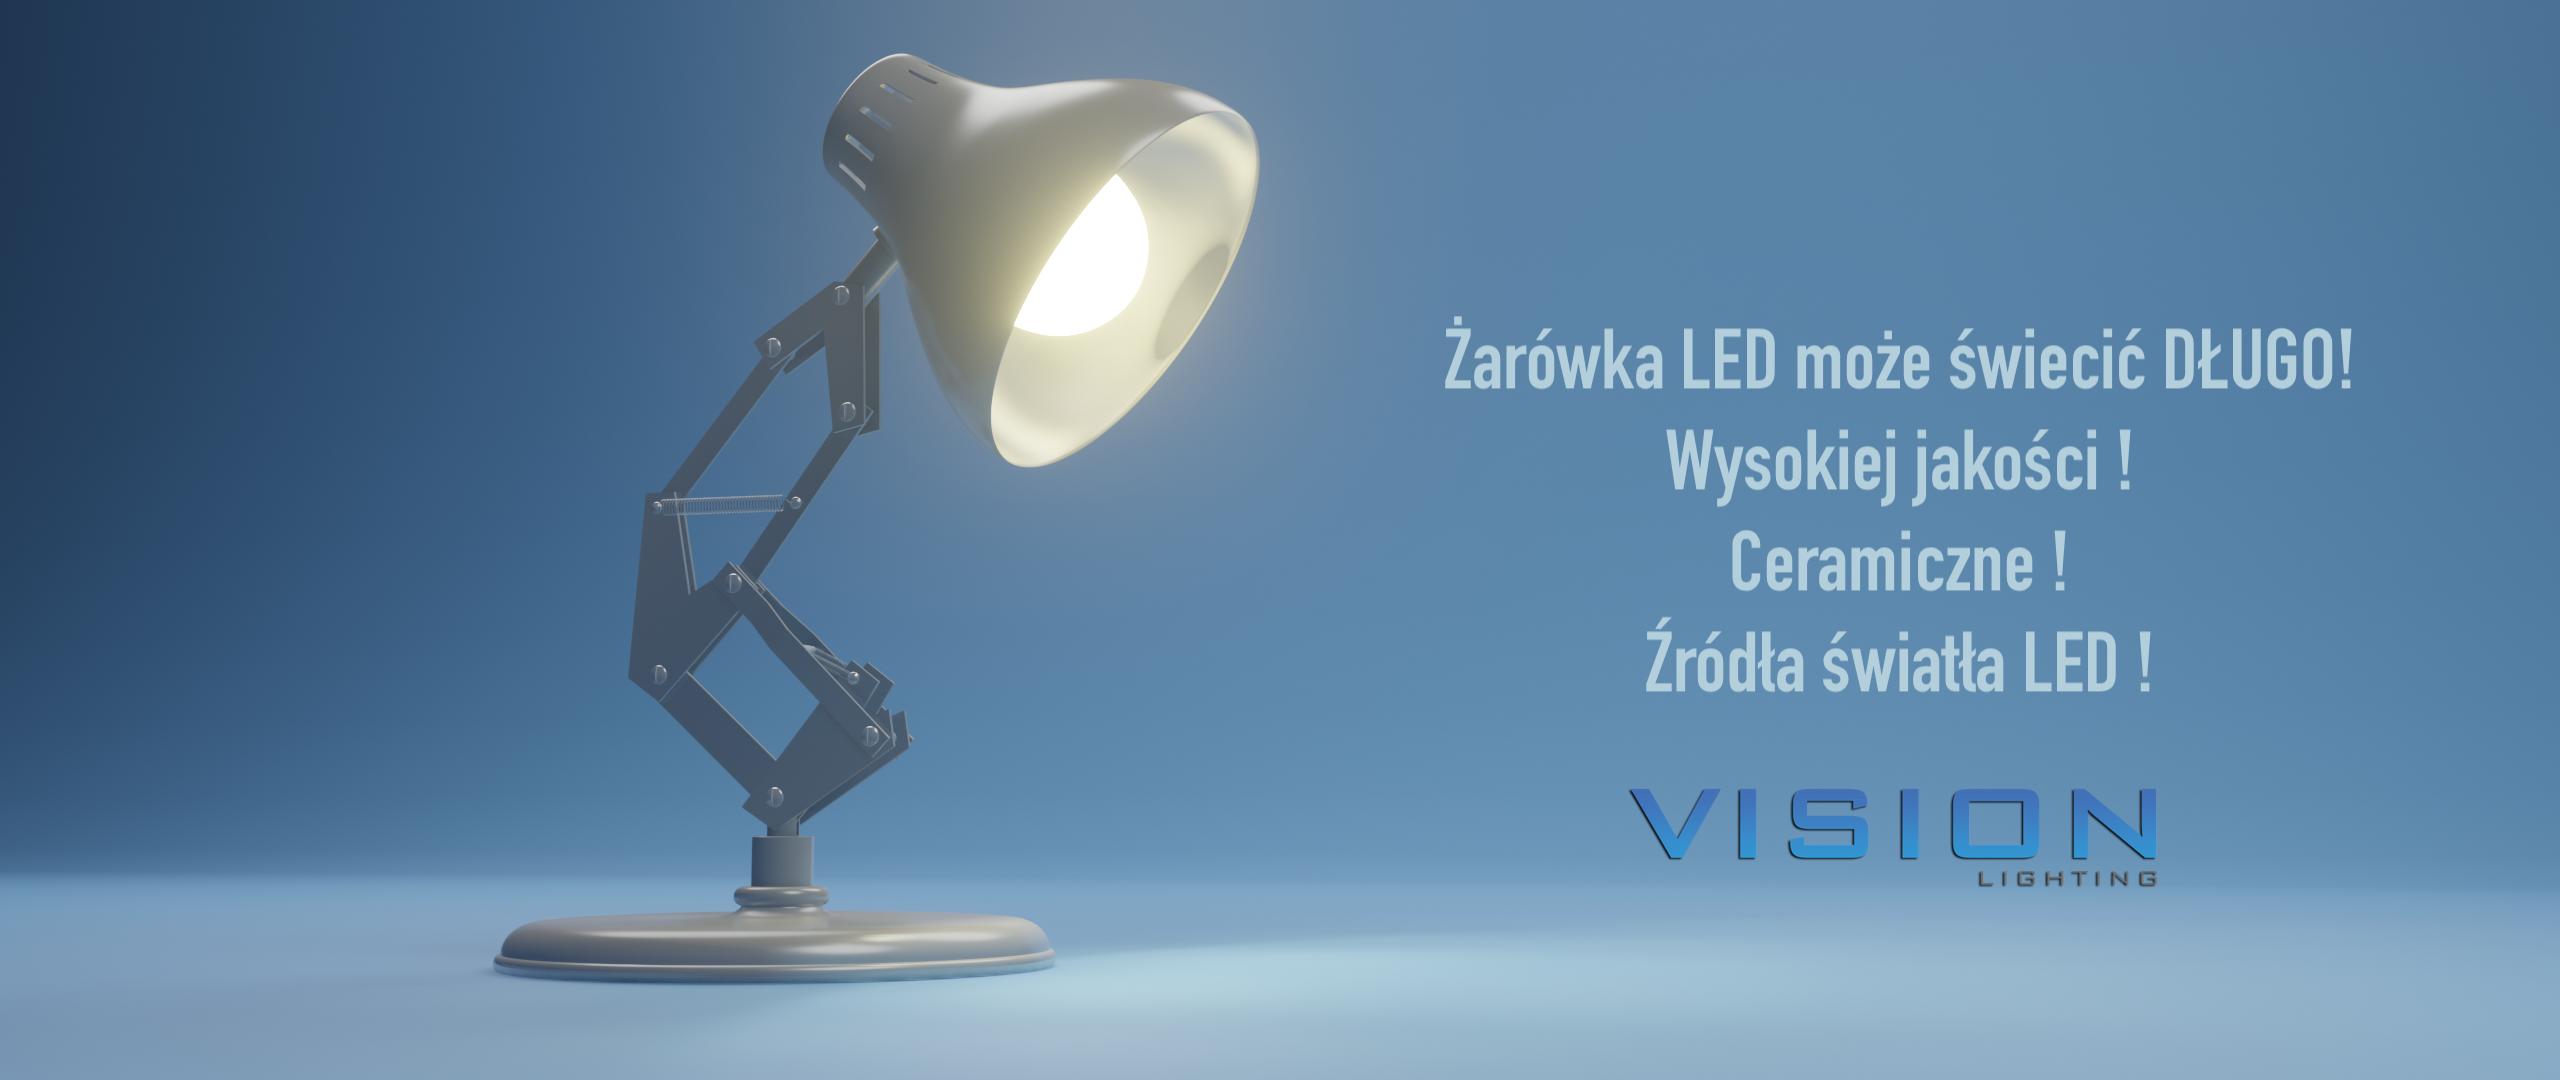 wysokiej jakości żarówki led Vision Lighting